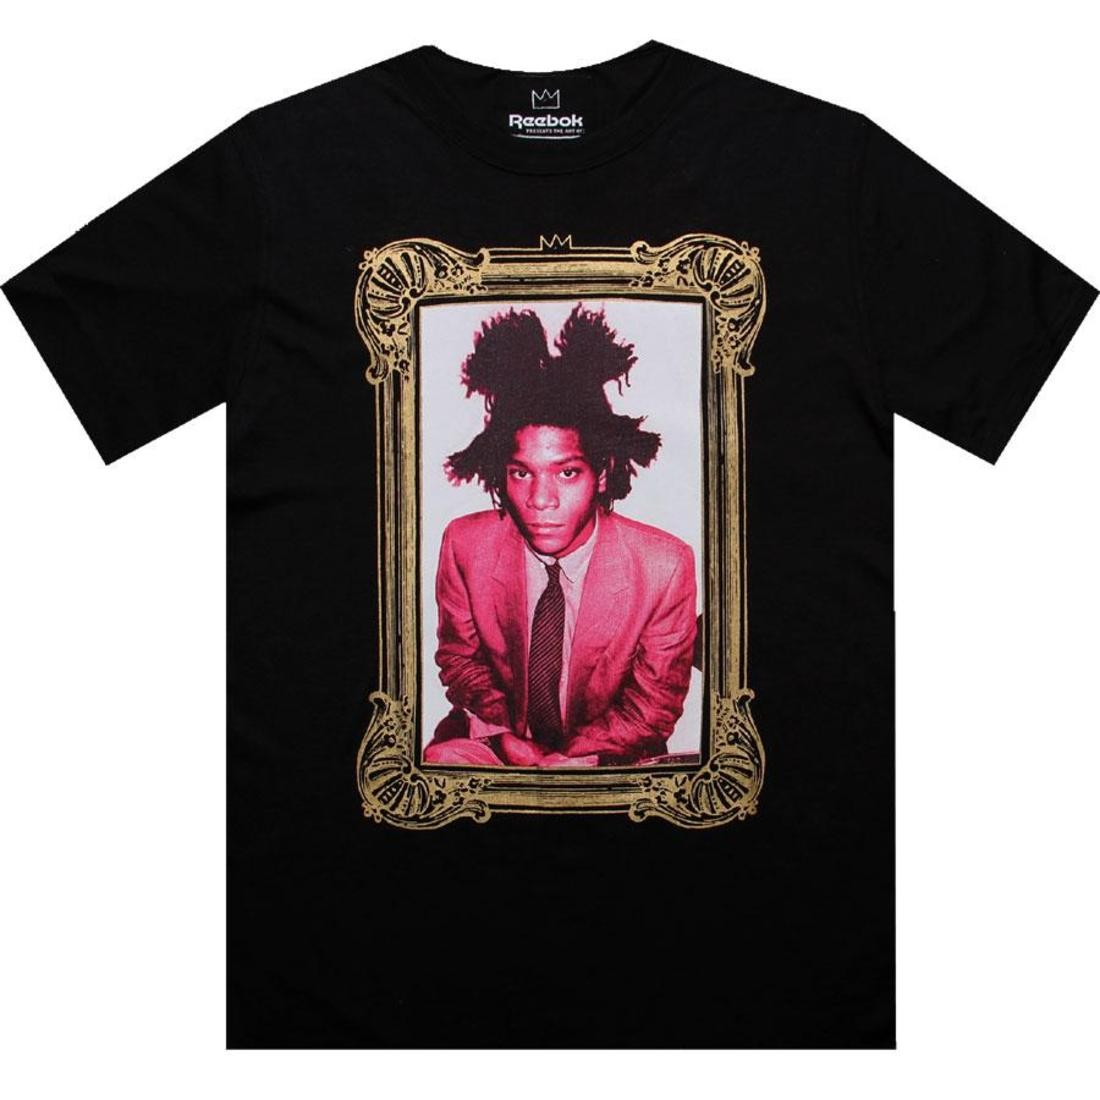 【海外限定】リーボック Tシャツ メンズファッション カットソー 【 REEBOK BASQUIAT I AM TEE BLACK 】